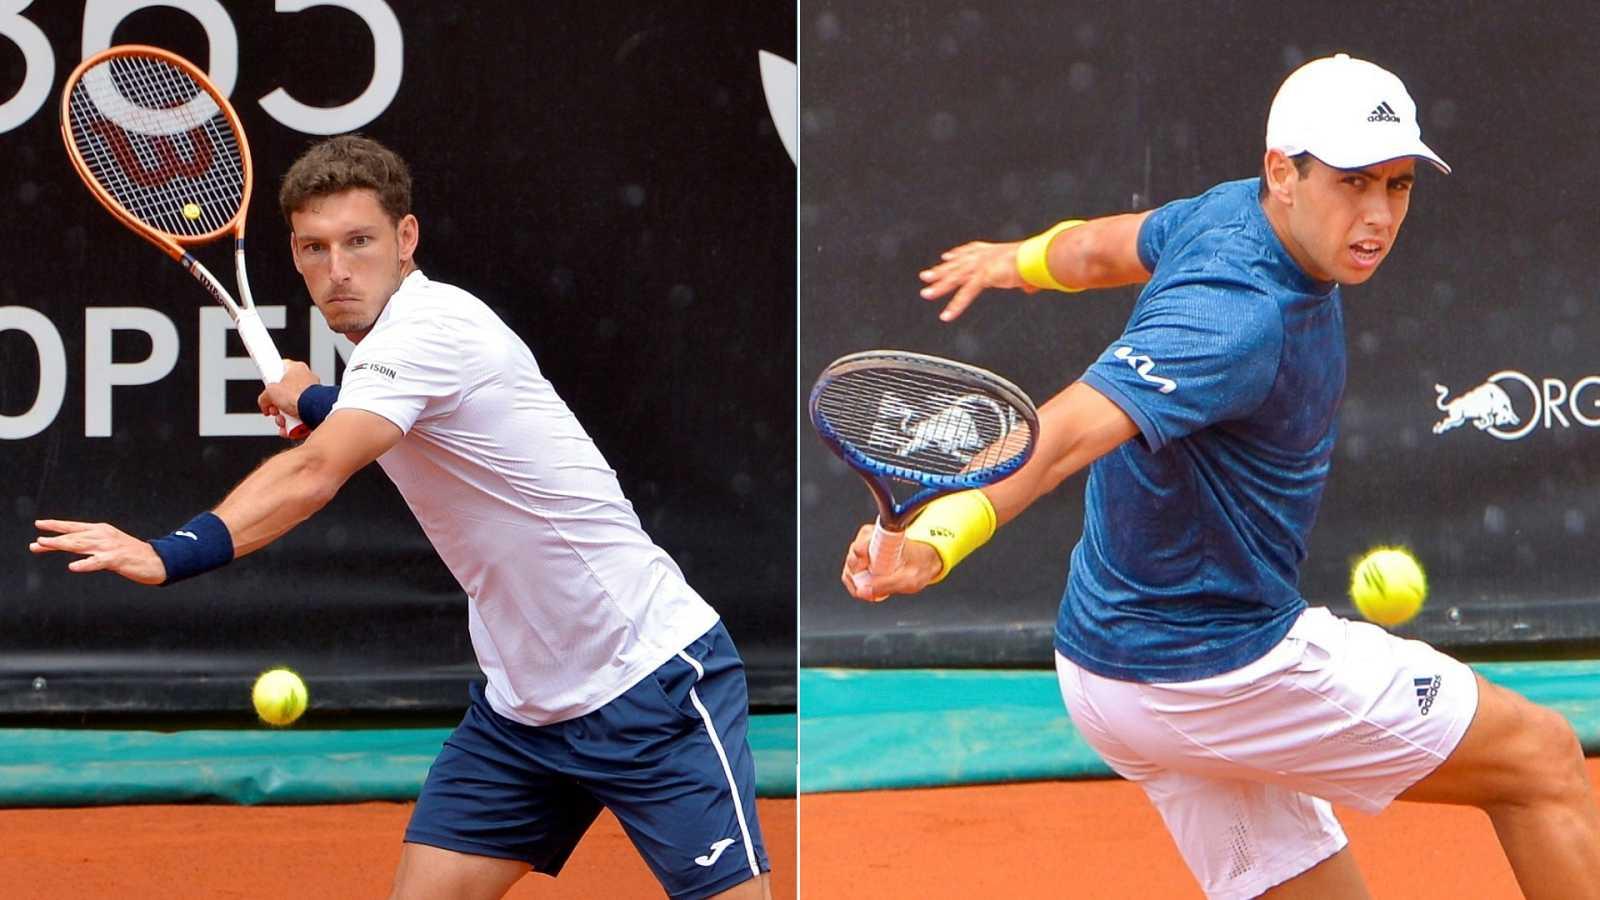 Tenis - ATP 250 Torneo Marbella, Final: P. Carreño - J. Munar - ver ahora